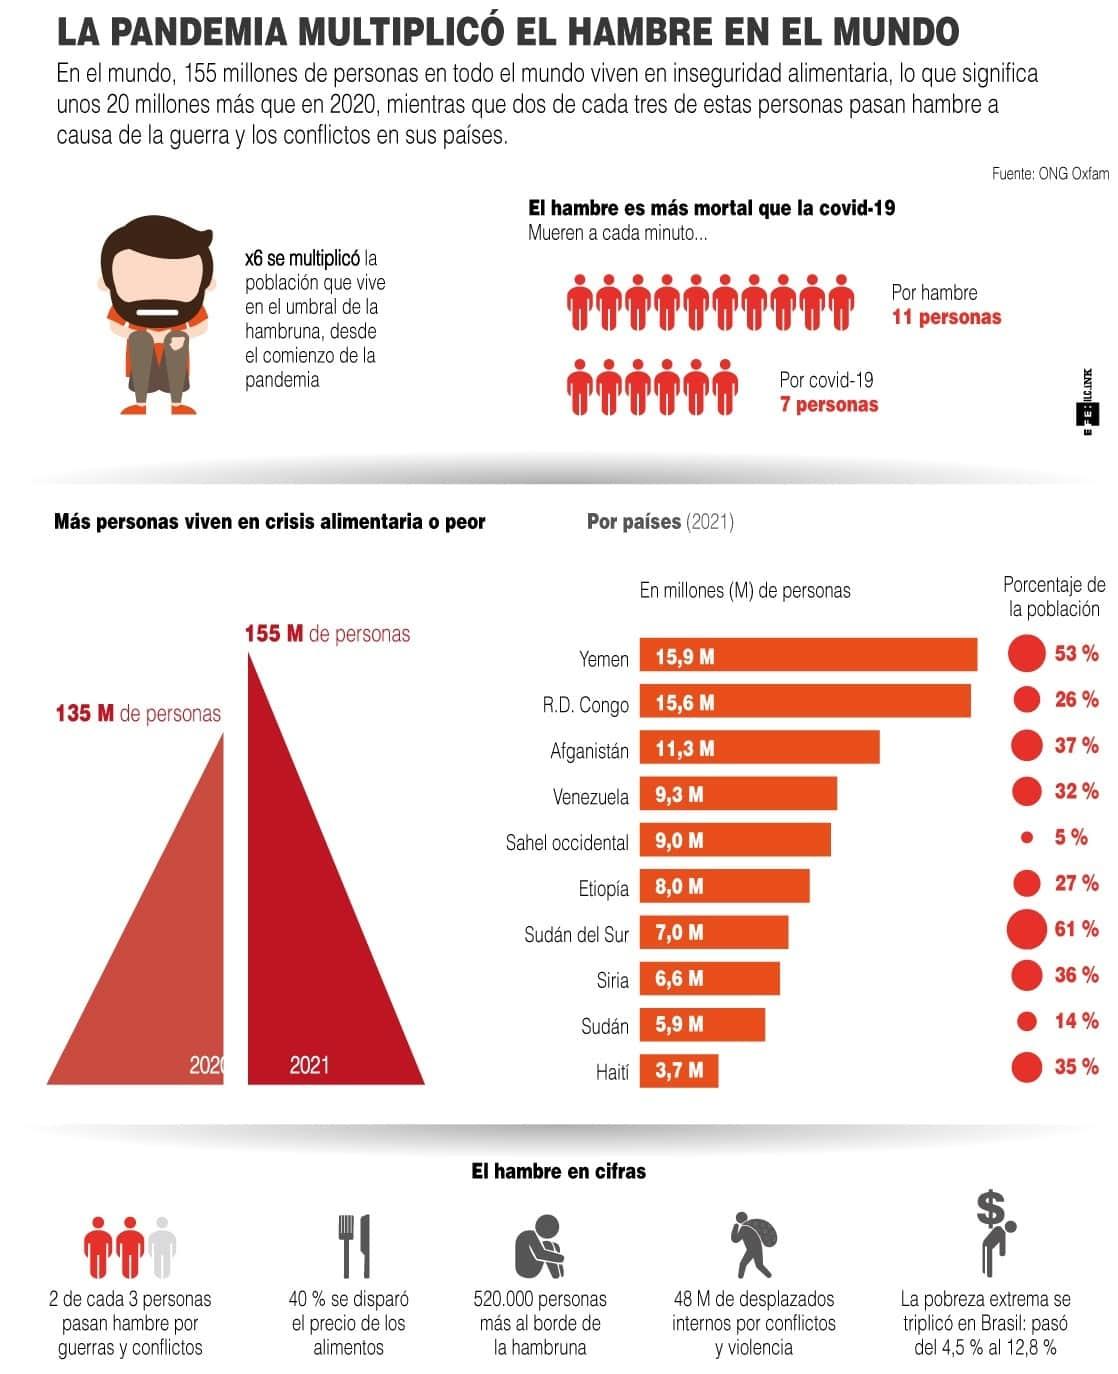 [Infografía] La pandemia multiplicó el hambre en el mundo 1